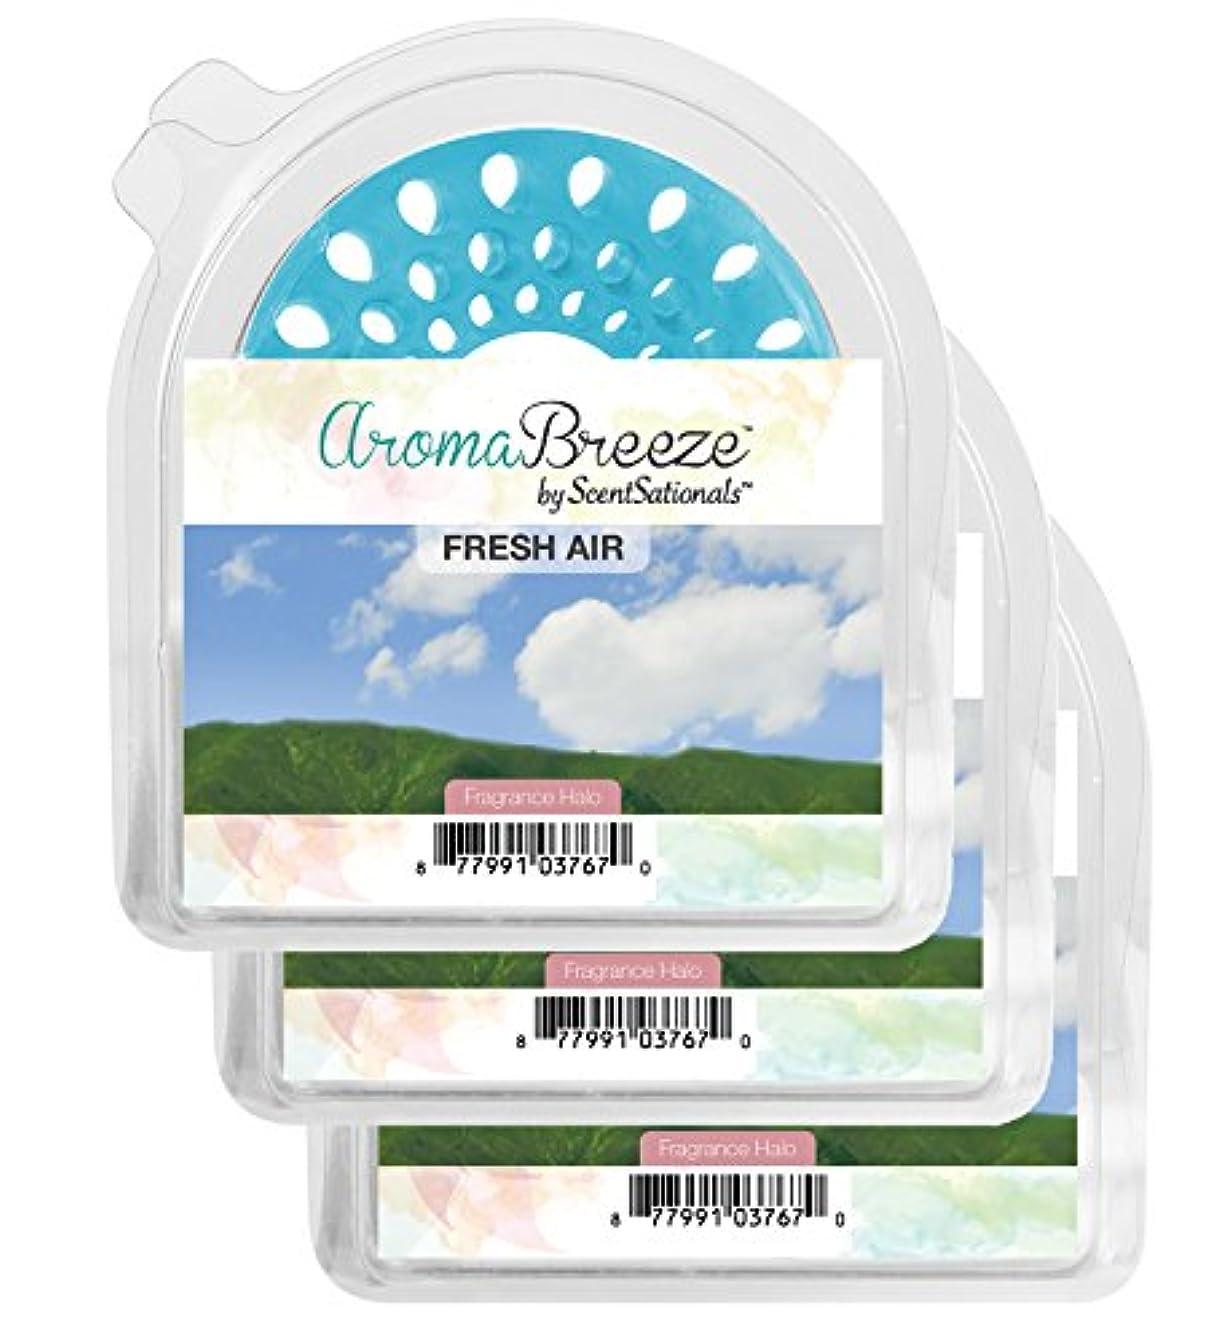 ラッシュ活性化するクリークZen Aroma Breeze 香り付きヘイロー 3個パック - 無炎の香り付きキャンドルの交換用 - ご自宅の香りコレクションに加えるのに最適 ブルー 021-017-40010